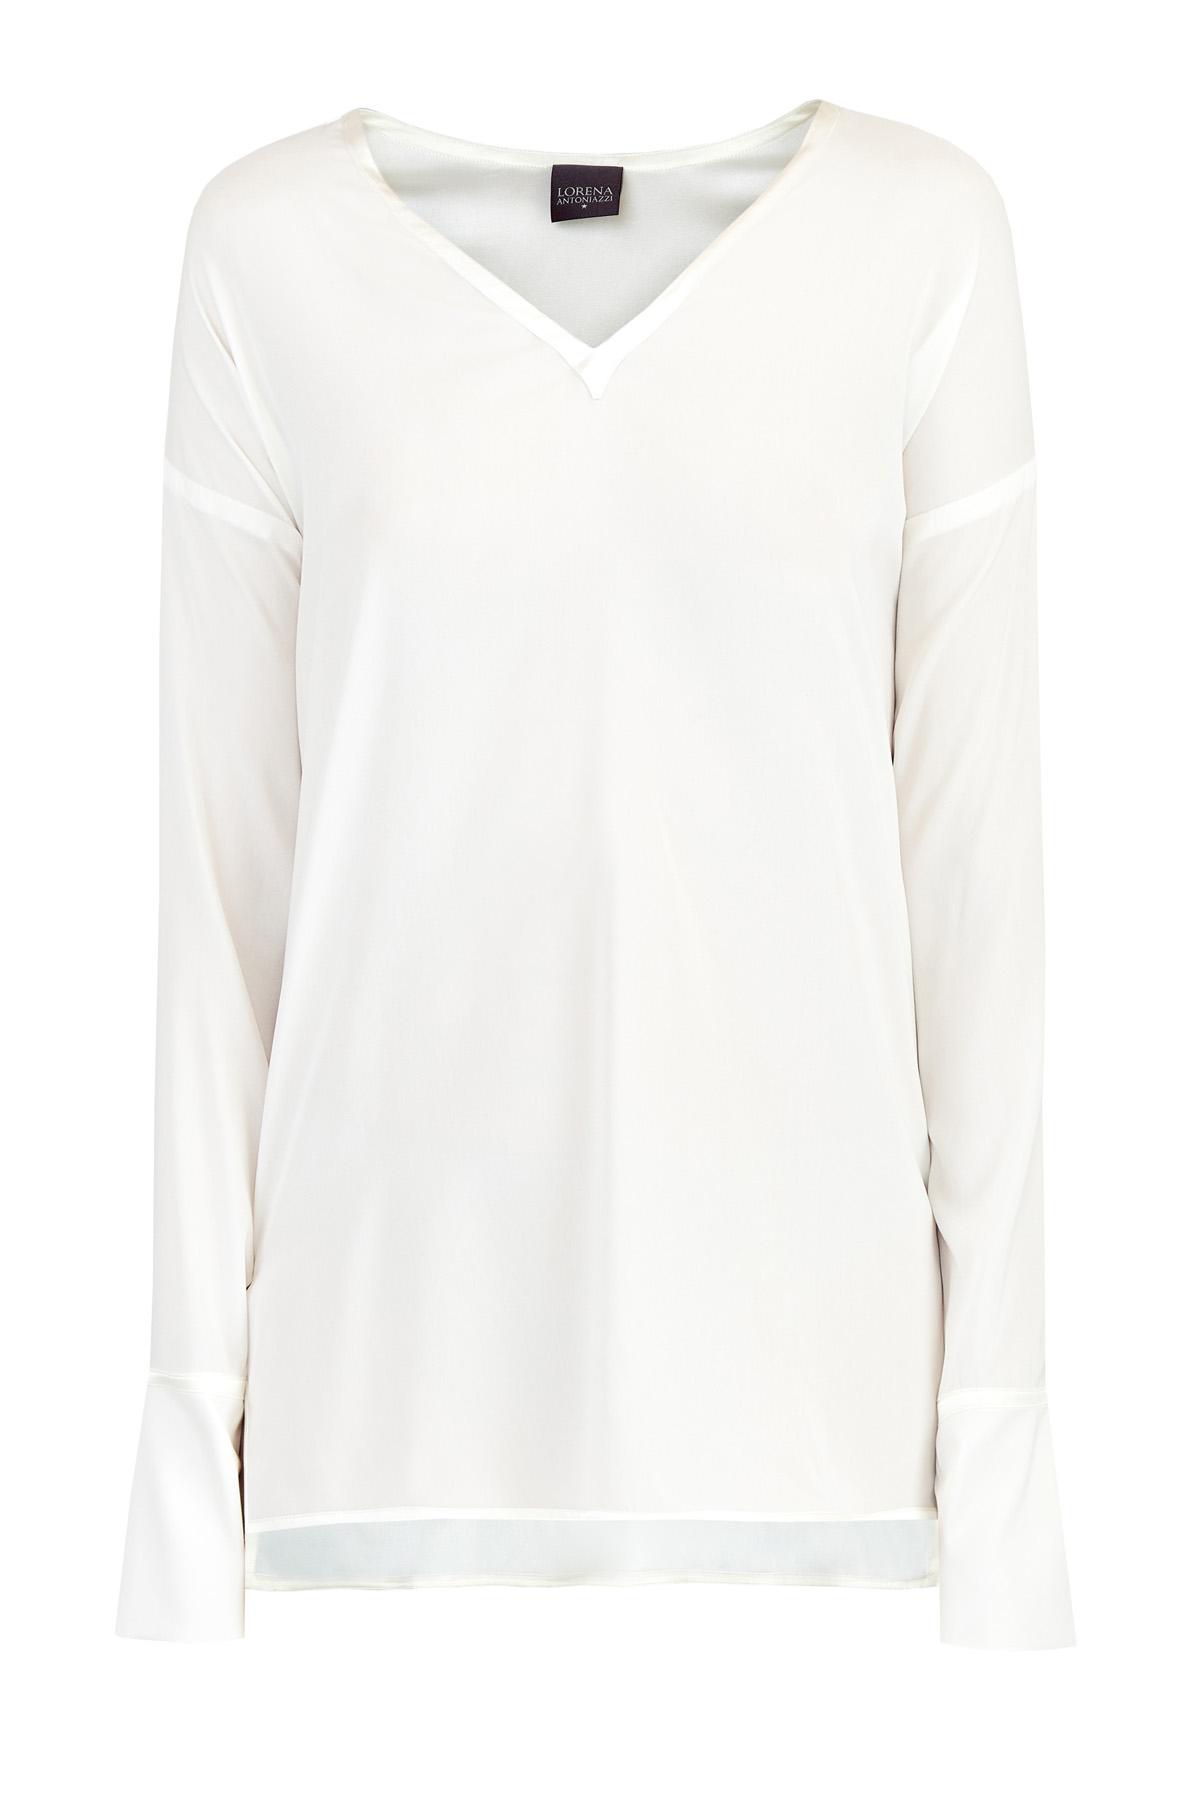 Купить Шелковая блуза oversize-кроя с атласной отделкой, LORENA ANTONIAZZI, Италия, шелк 96%, эластан 4%